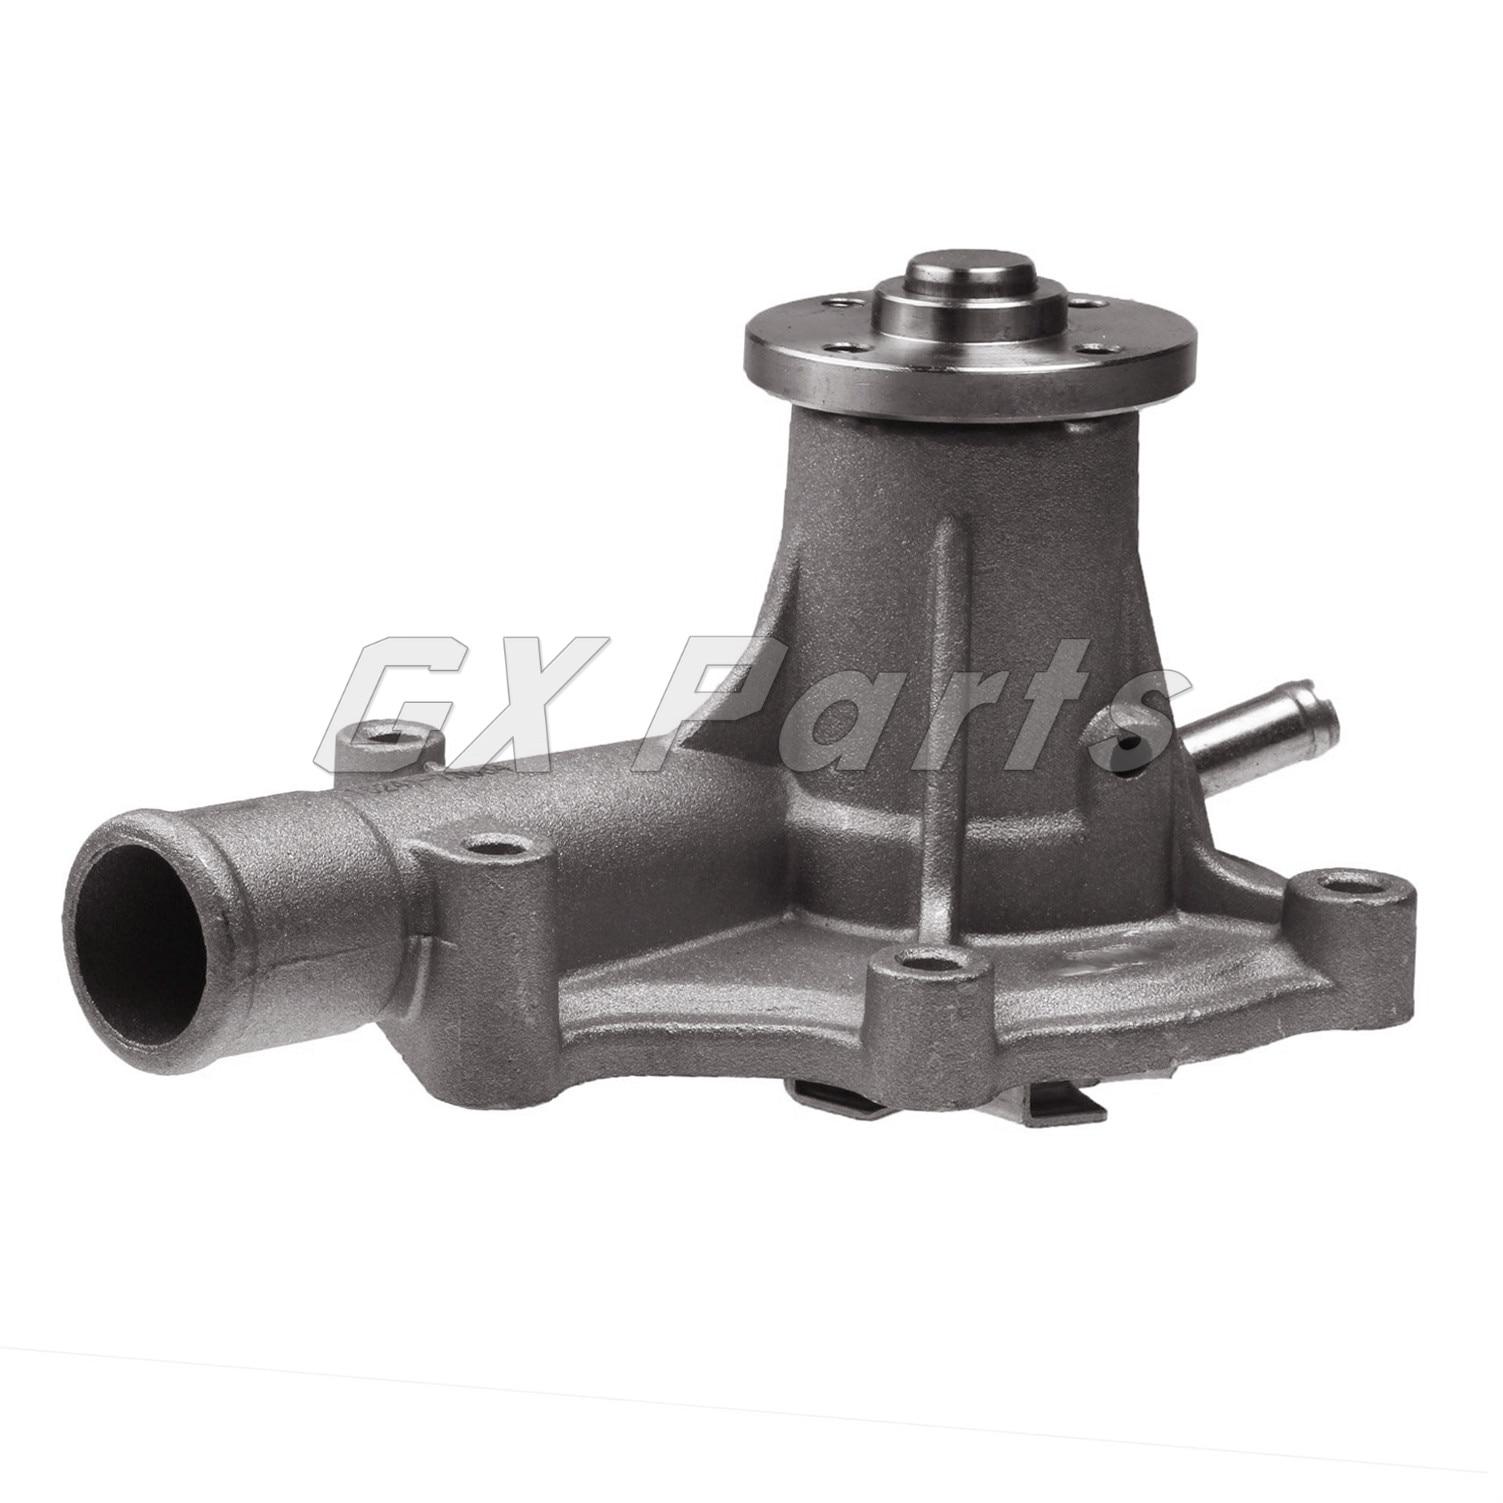 16241-7303316241-73030Water Pump with 60mm impeller FitBobcat Skid SteerKubota B2910HSD B3030HSD B3200HSD B7820HSD